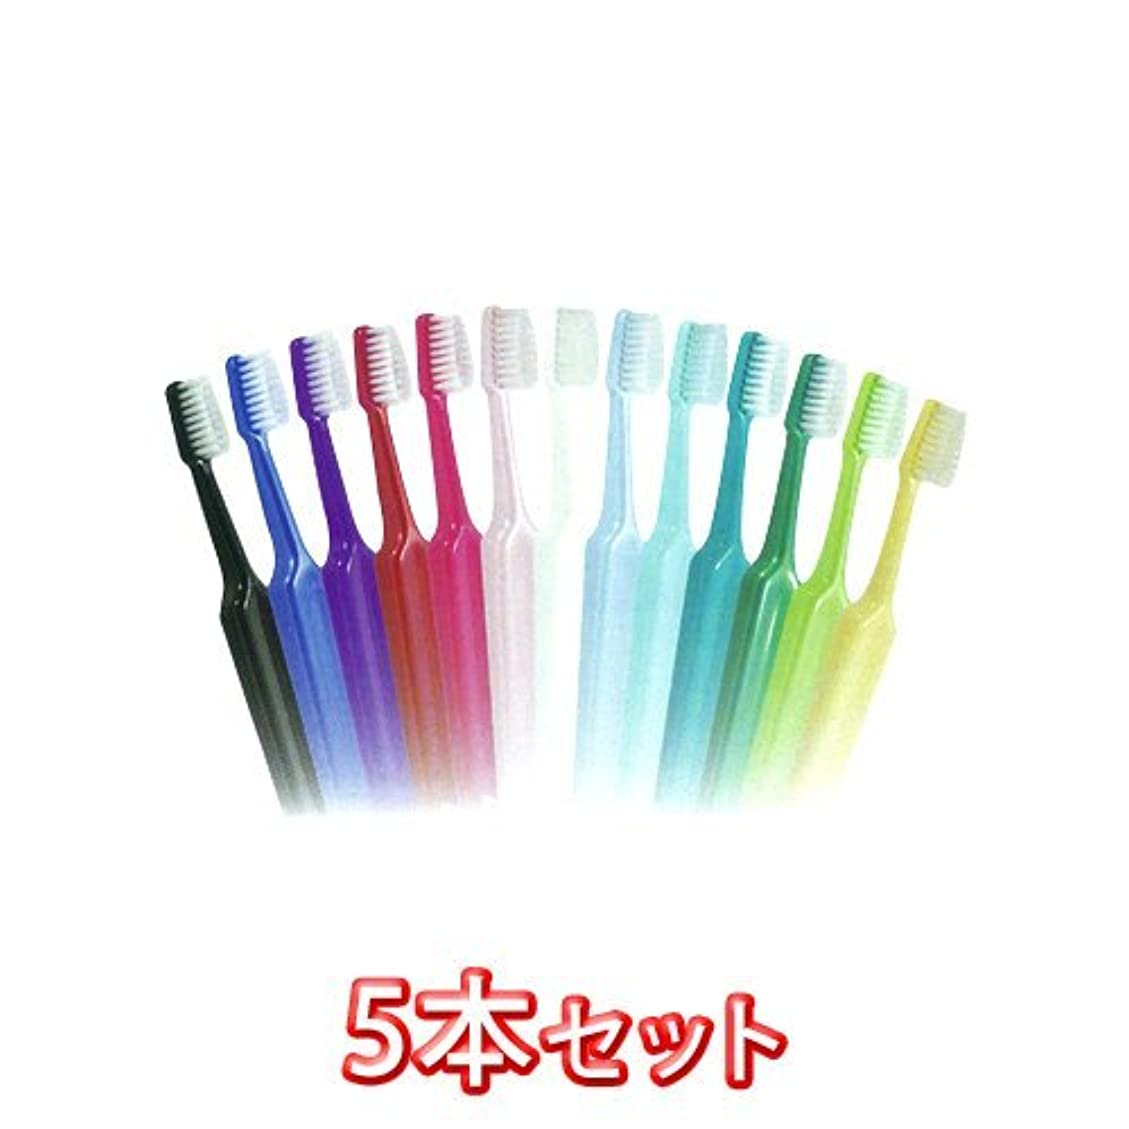 ブラウザ交換可能繁栄するクロスフィールド TePe テペセレクトコンパクト 歯ブラシ × 5本入 コンパクトソフト